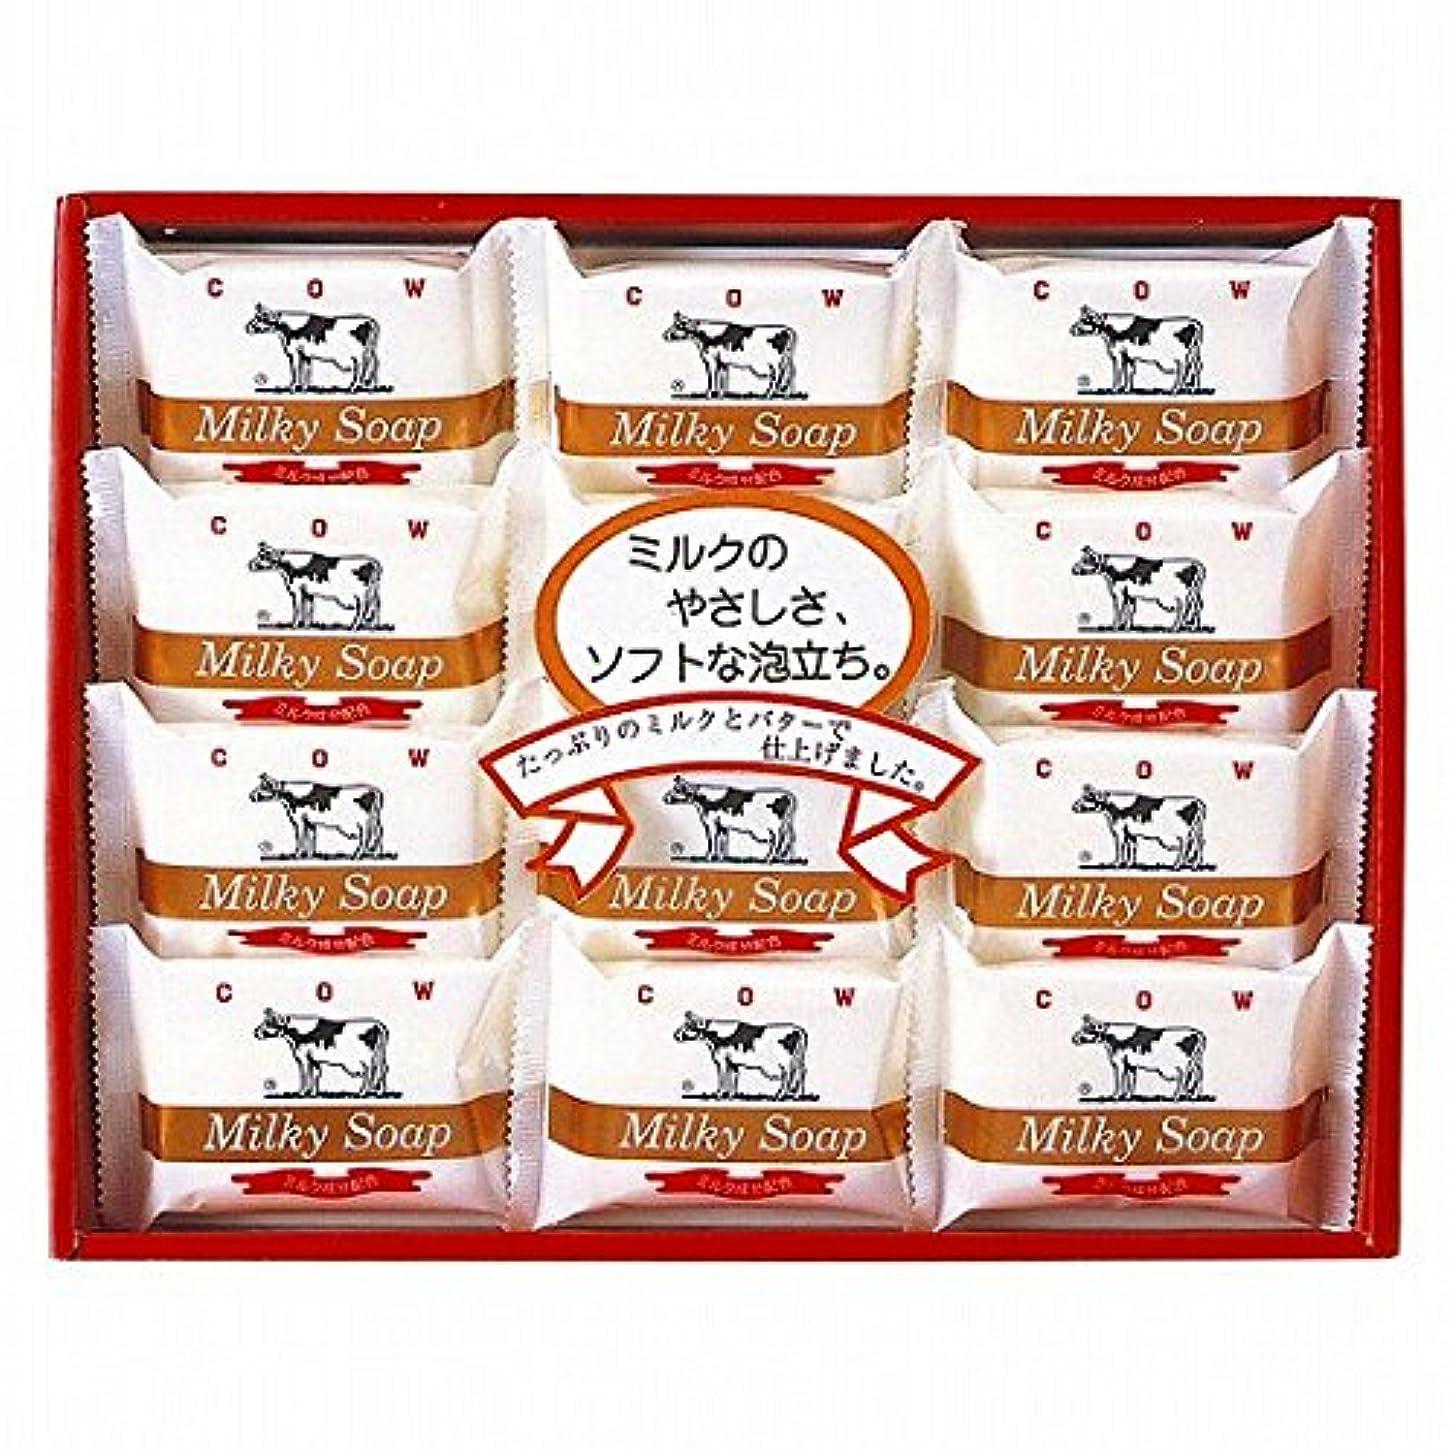 版感嘆符令状nobrand 牛乳石鹸 ゴールドソープセット (21940005)